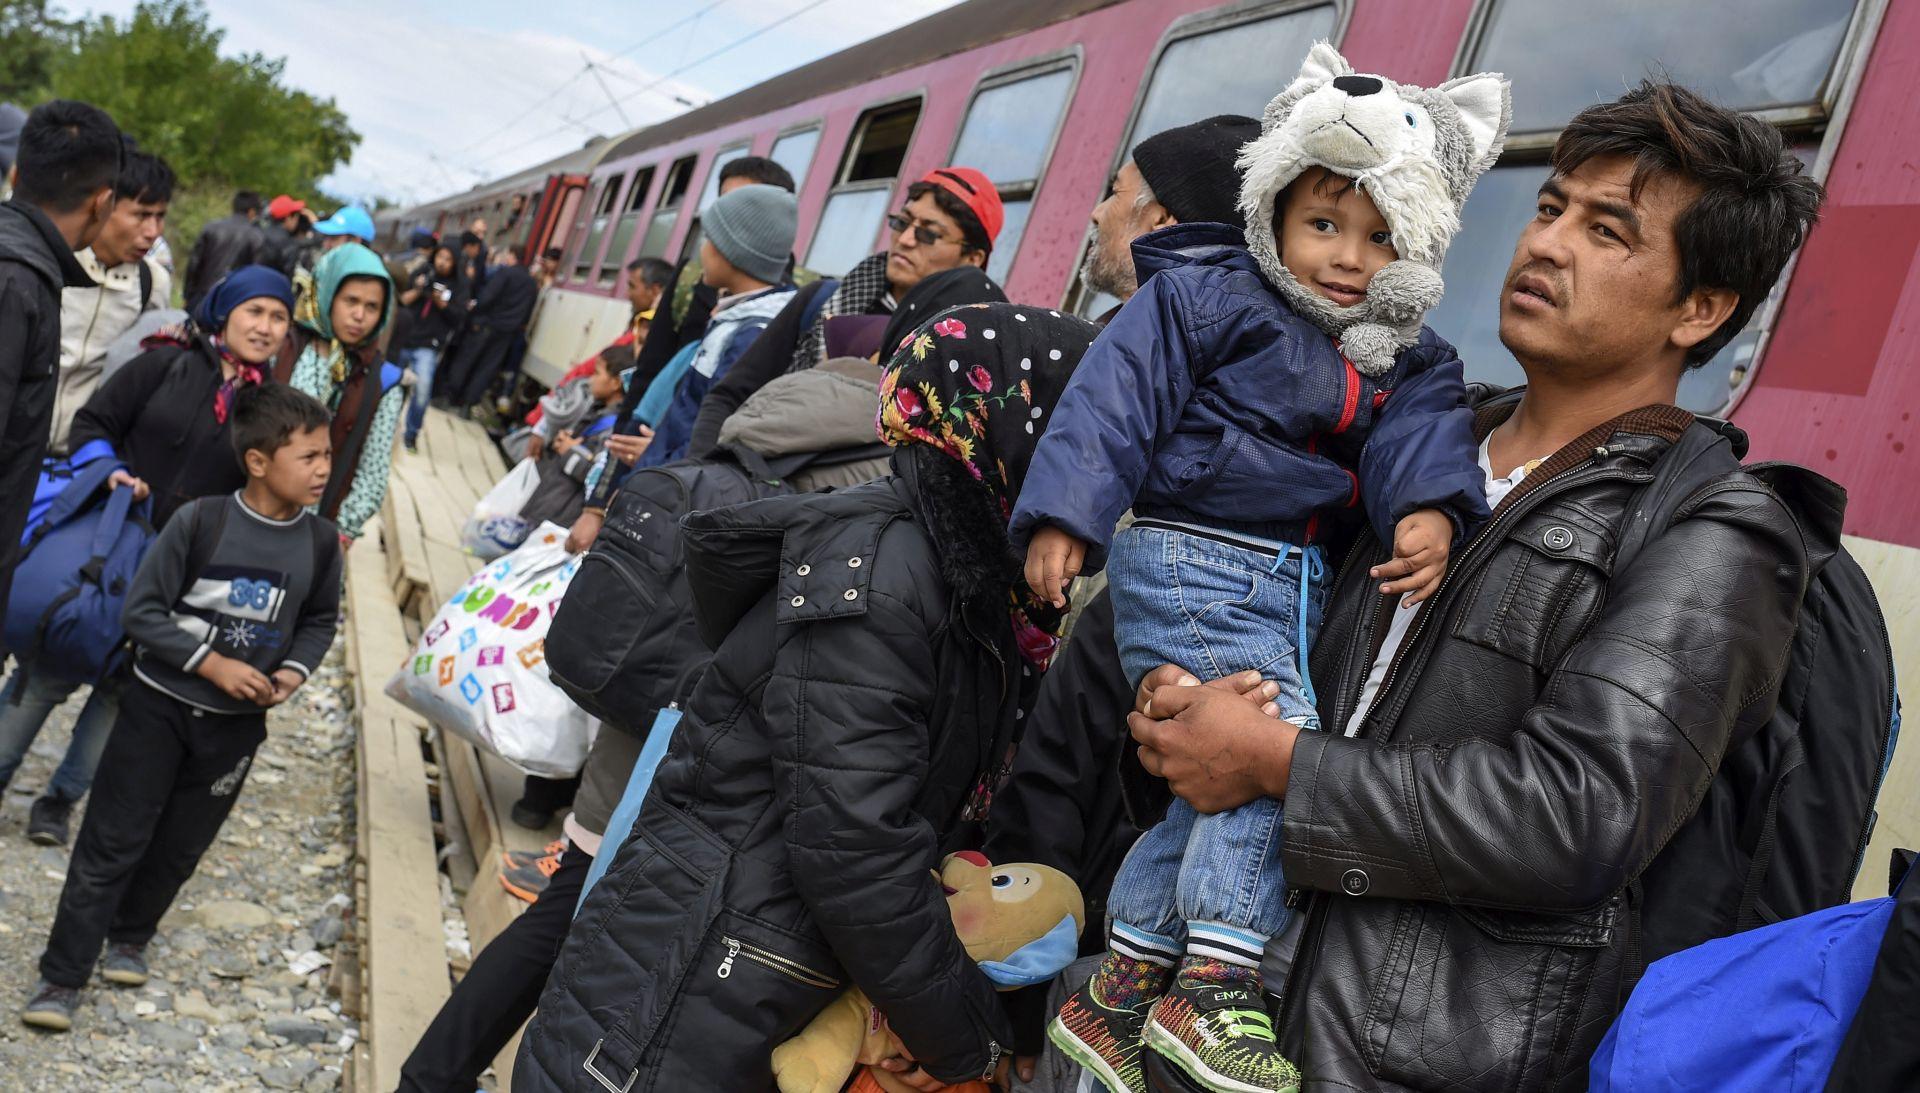 SZIJJARTO Mađarska spremna zatvoriti granicu prema Hrvatskoj